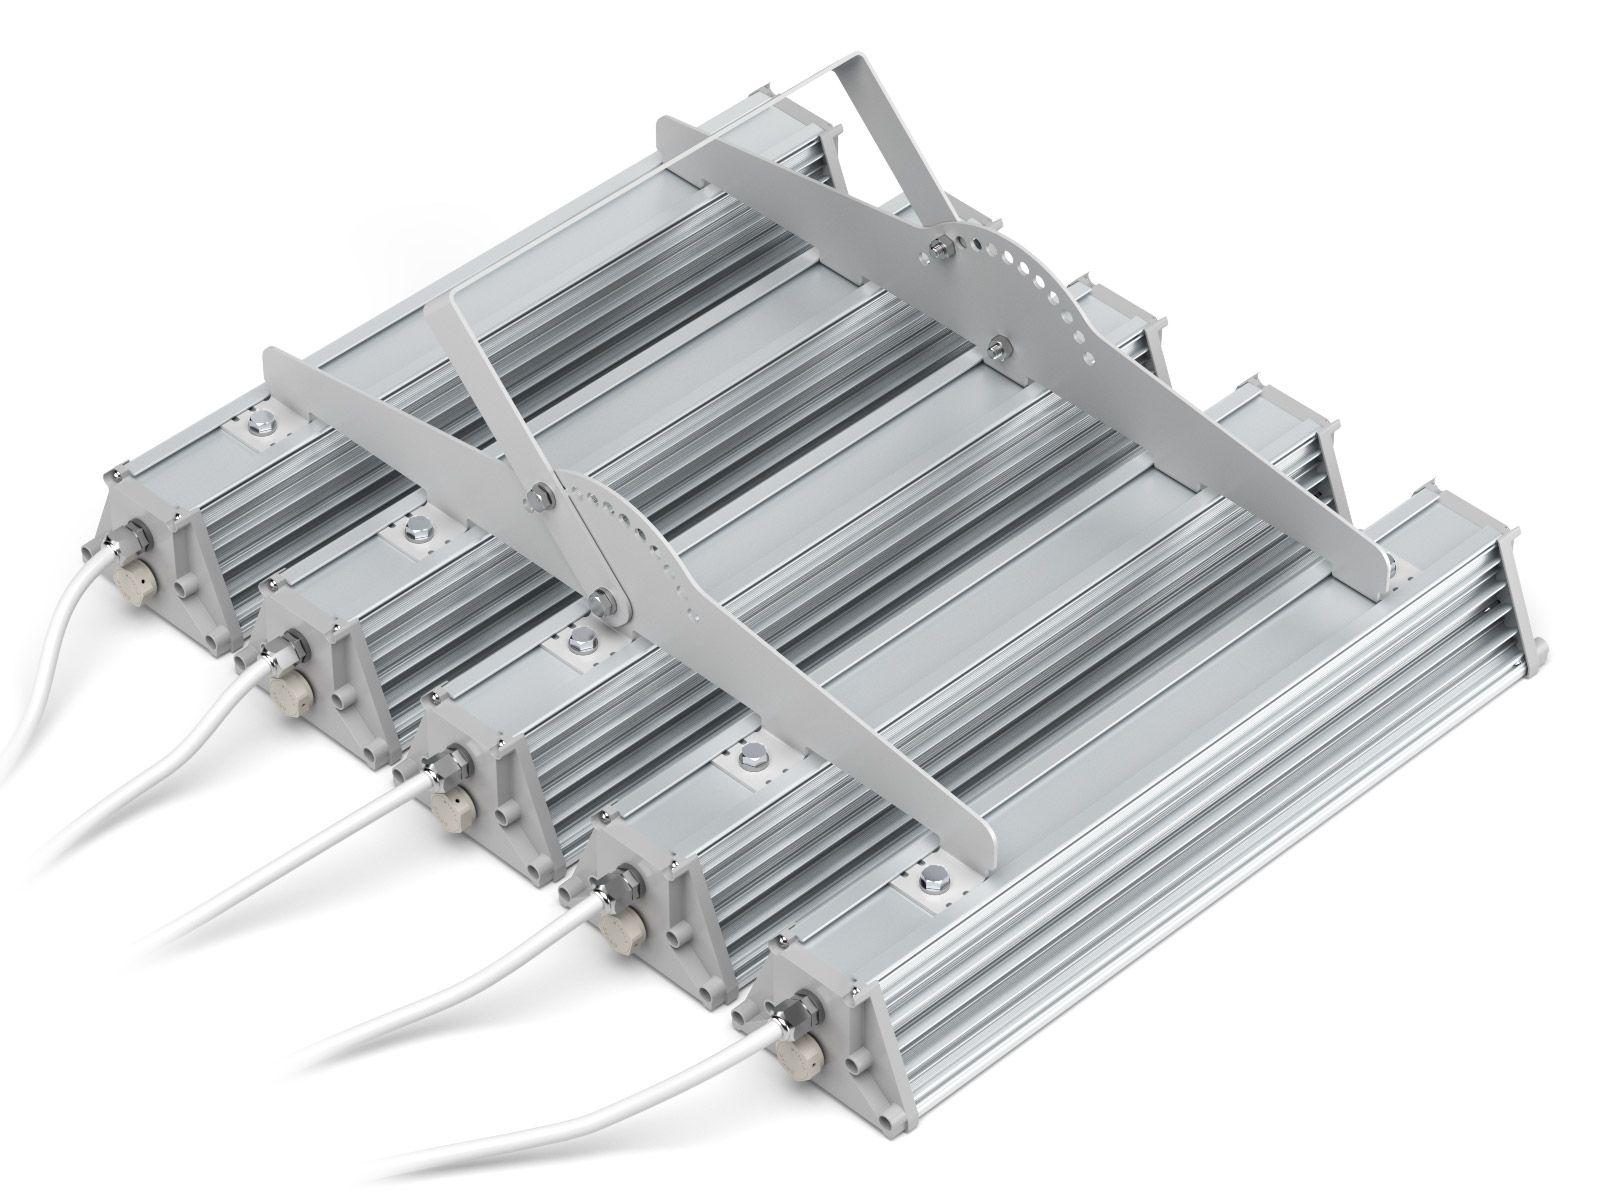 Объединяющая планка на 5 светильника с ухом регулировки